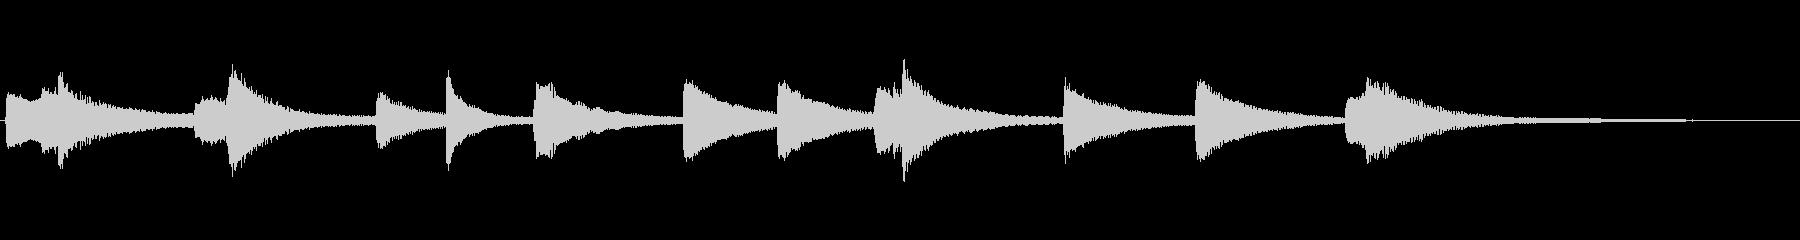 リスト愛の夢_ピアノジングル 1の未再生の波形